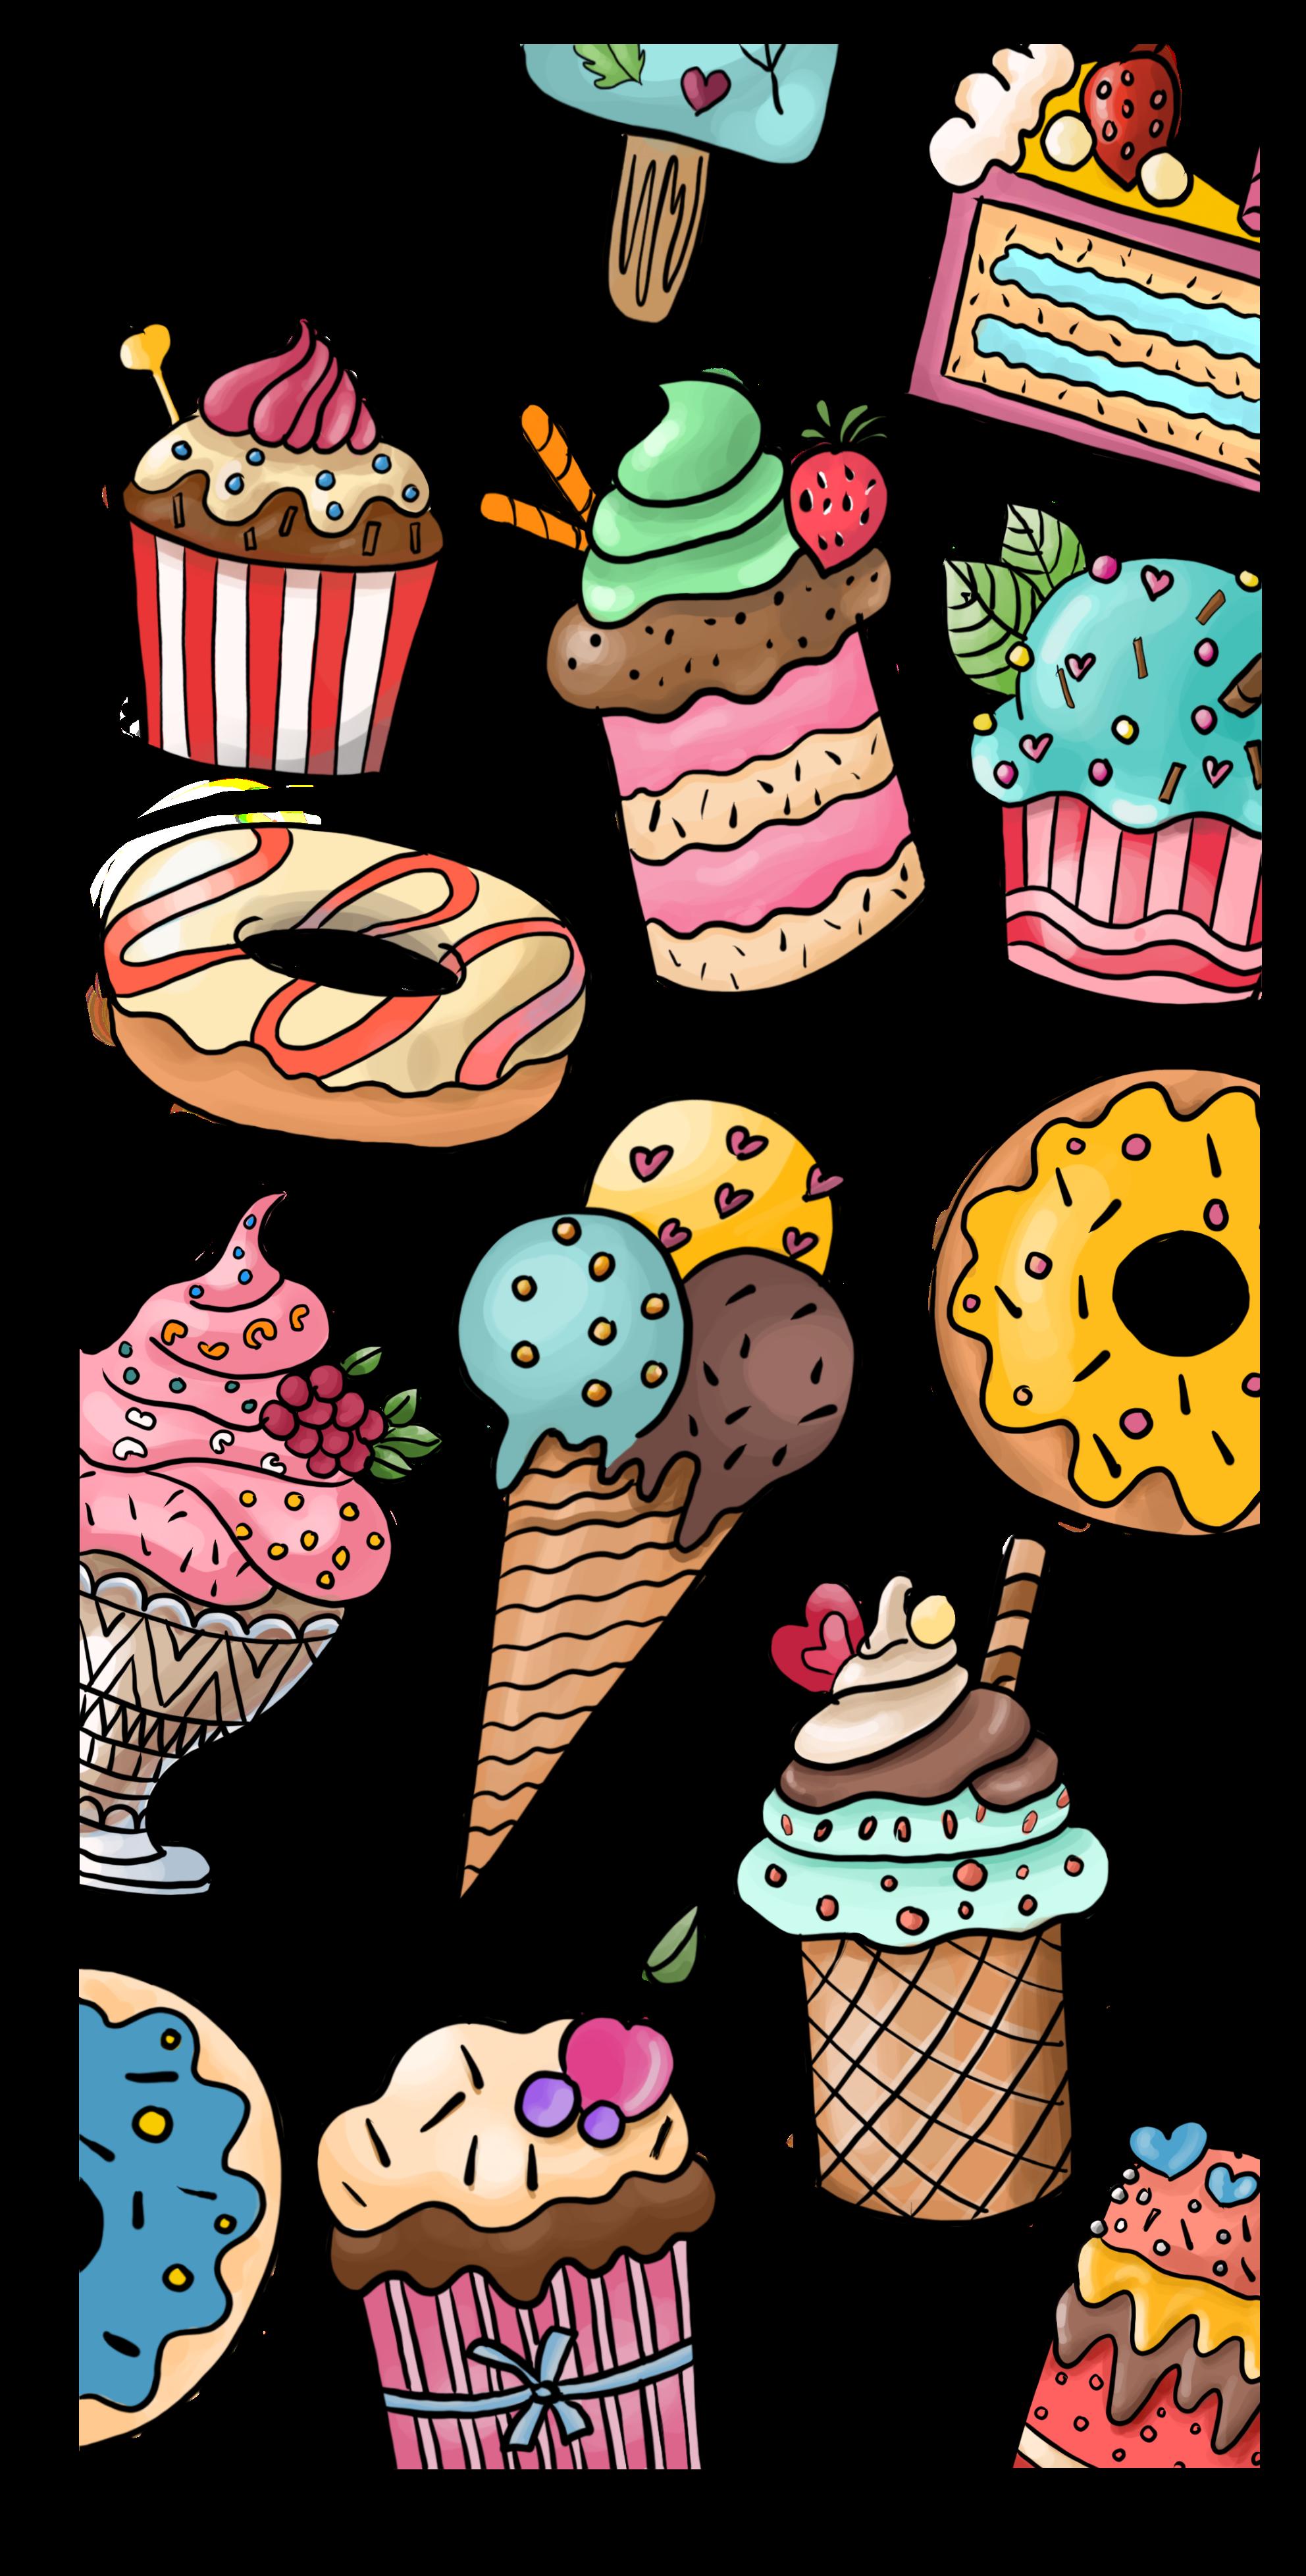 Dessert Wallpaper Casetify Iphone Art Design Illustration Wallpaper Iphone Love Wallpaper Iphone Cute Android Wallpaper